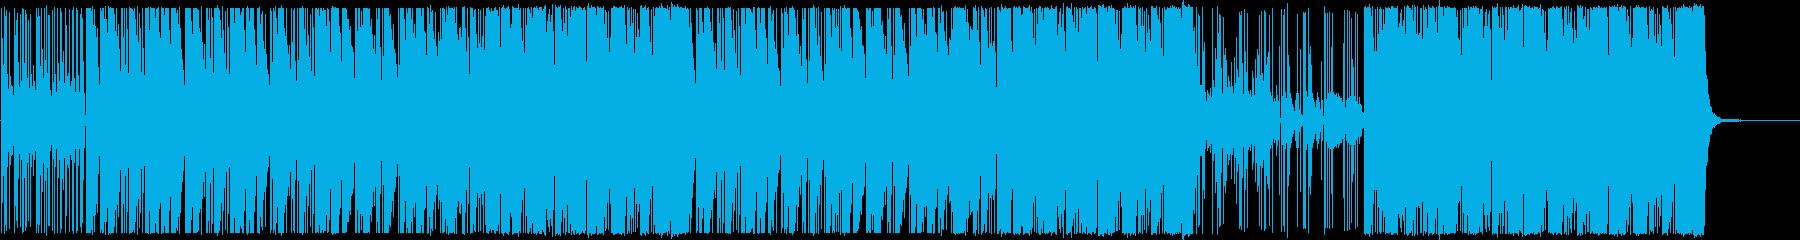 ピアノ系/ダーク/ヒップホップビーツ#1の再生済みの波形